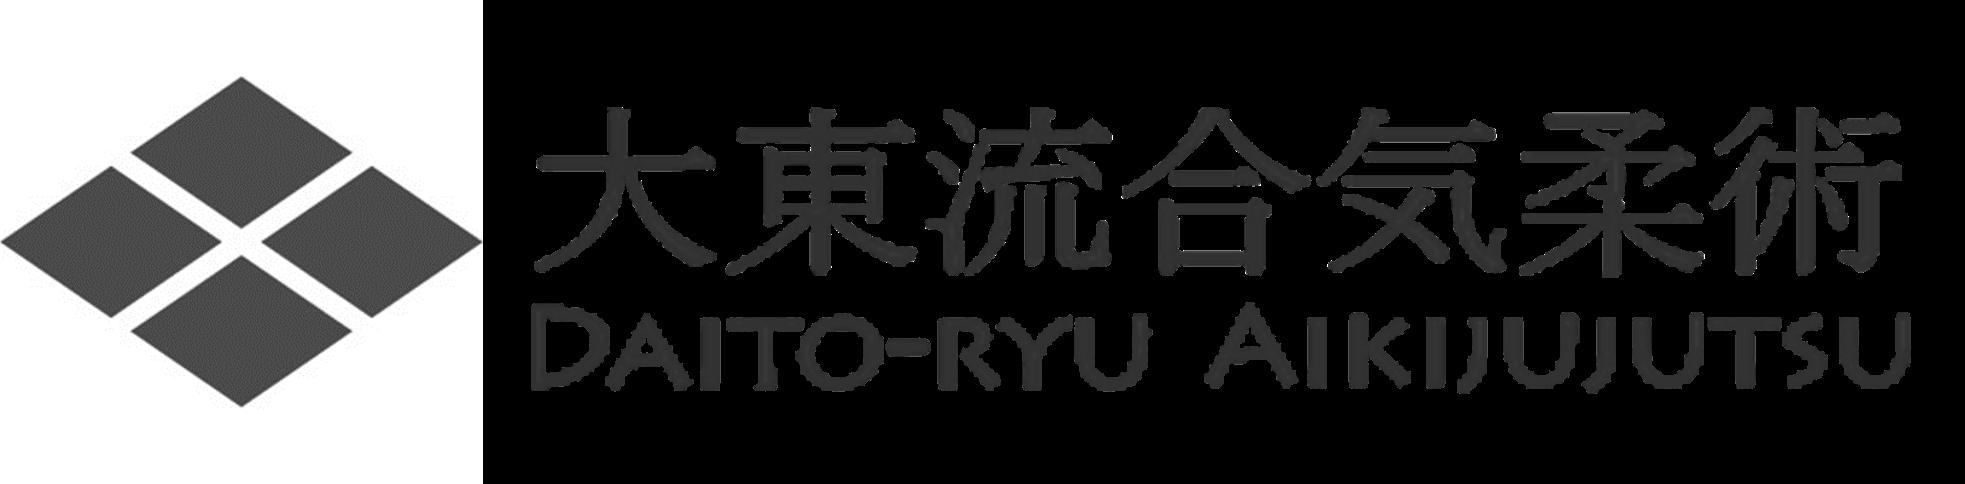 大東流合気柔術 世田谷支部(東京)/ Daito-ryu Aikijujutsu Setagaya (Tokyo)